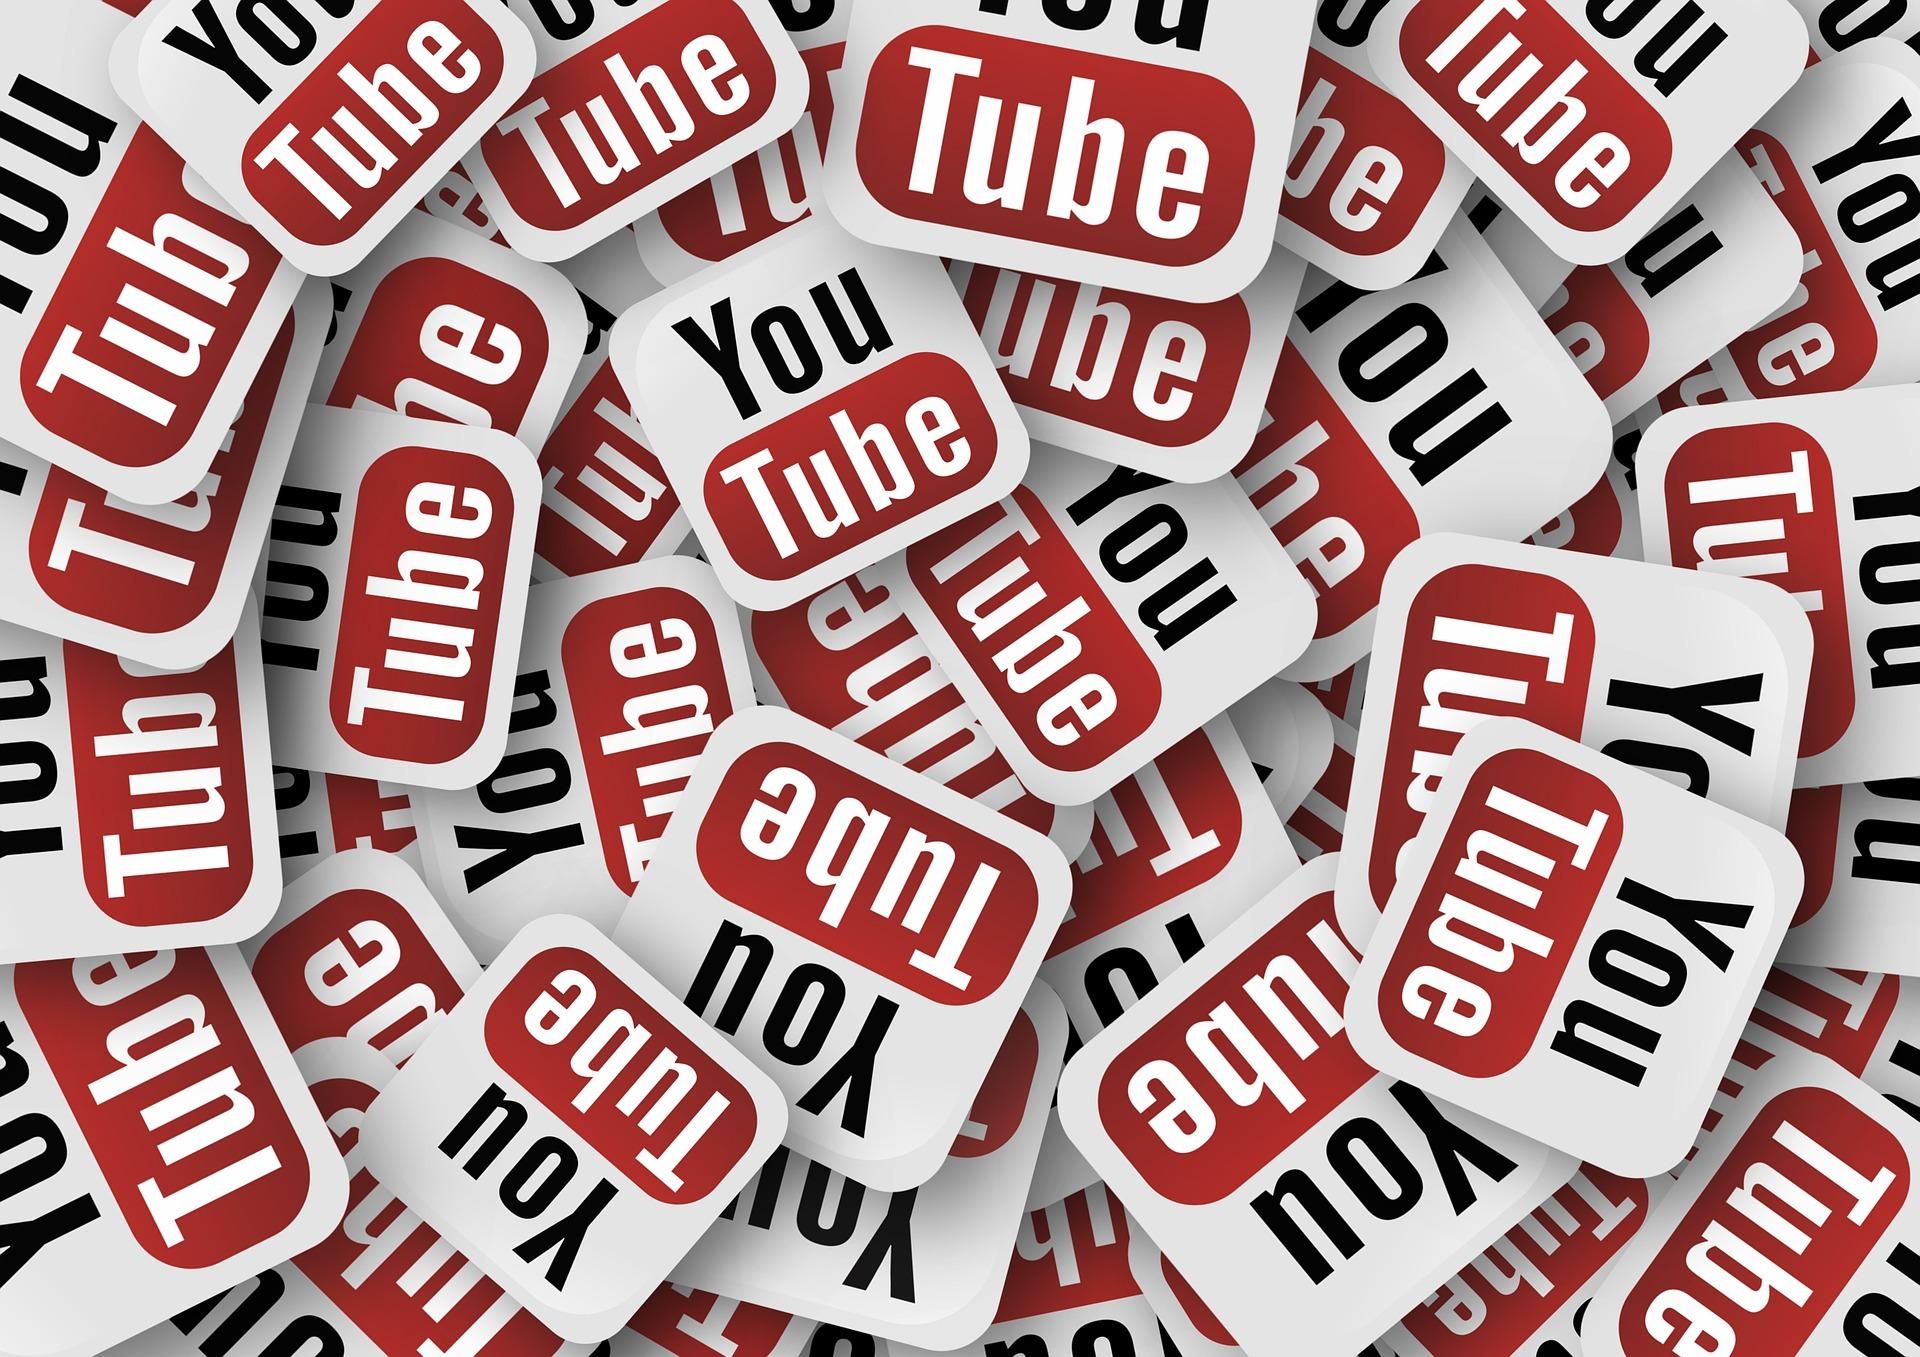 ¿Cómo posicionar tu empresa en YouTube?